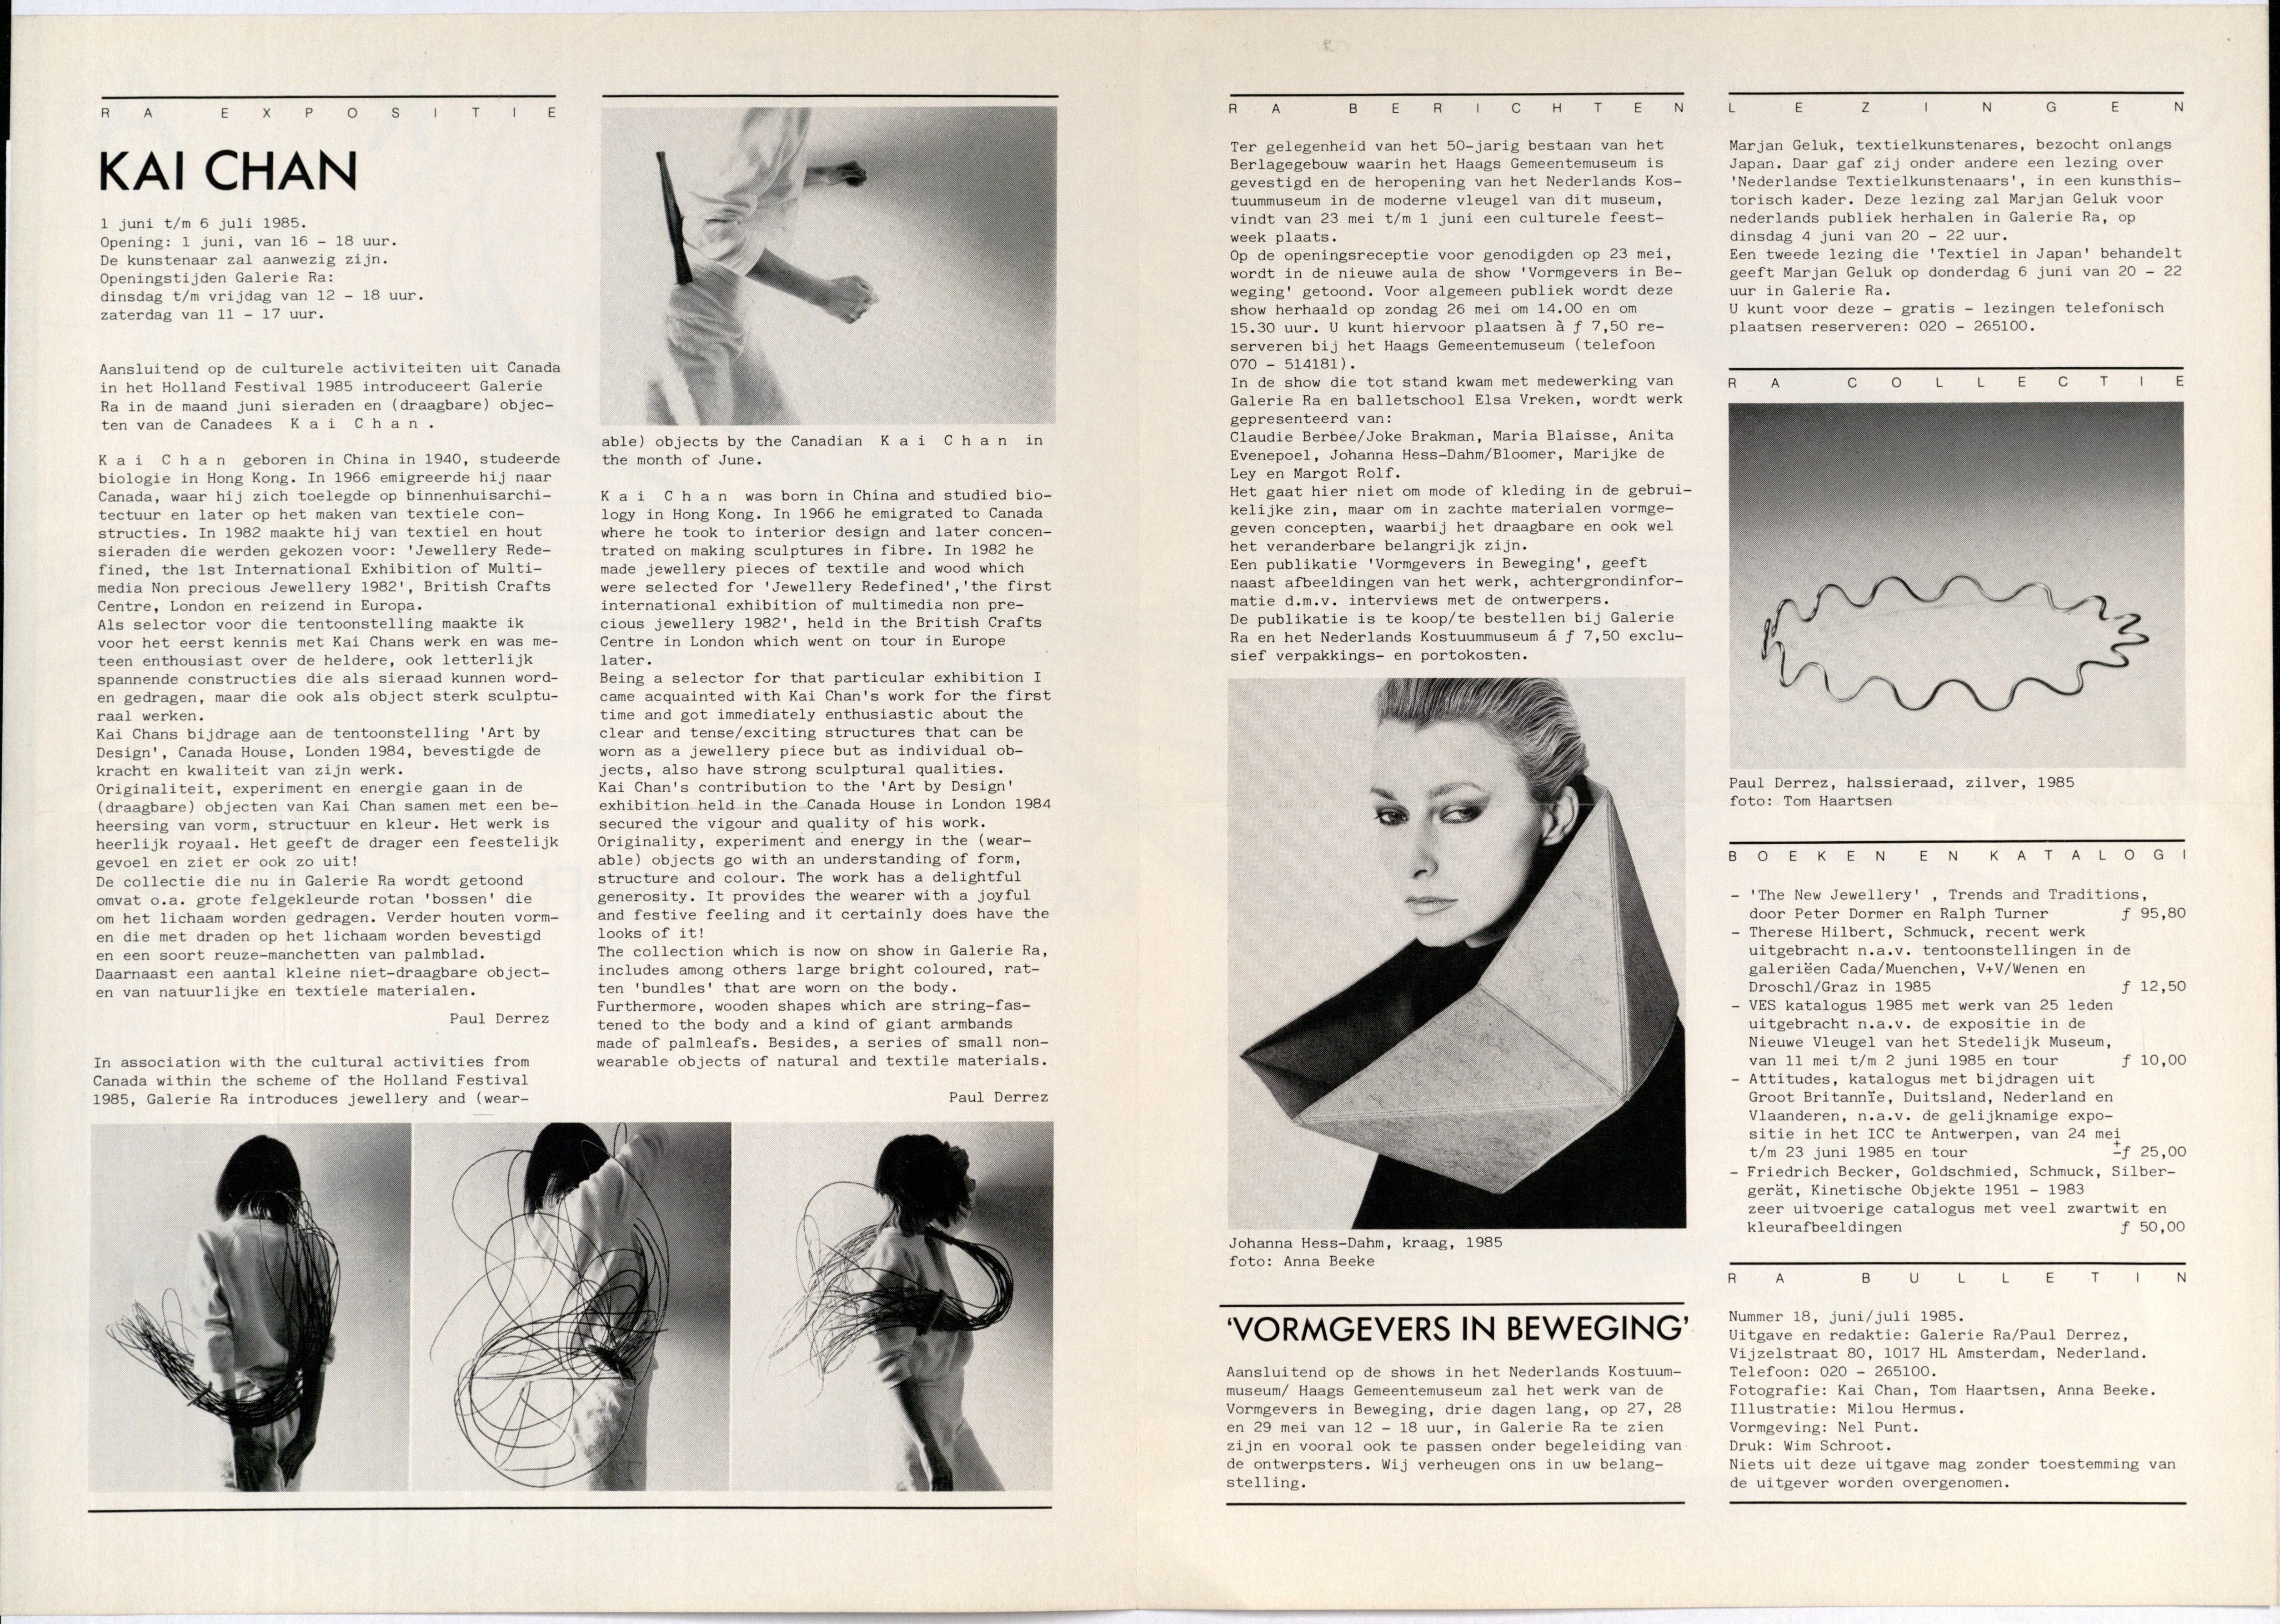 Ra Bulletin 18, juni/juli 1985, achterzijde met tekst en foto's van Anna Beeke, Kai Chan en Tom Haartsen, drukwerk, papier, Johanna Dahm, Paul Derrez, halssieraden, zilver